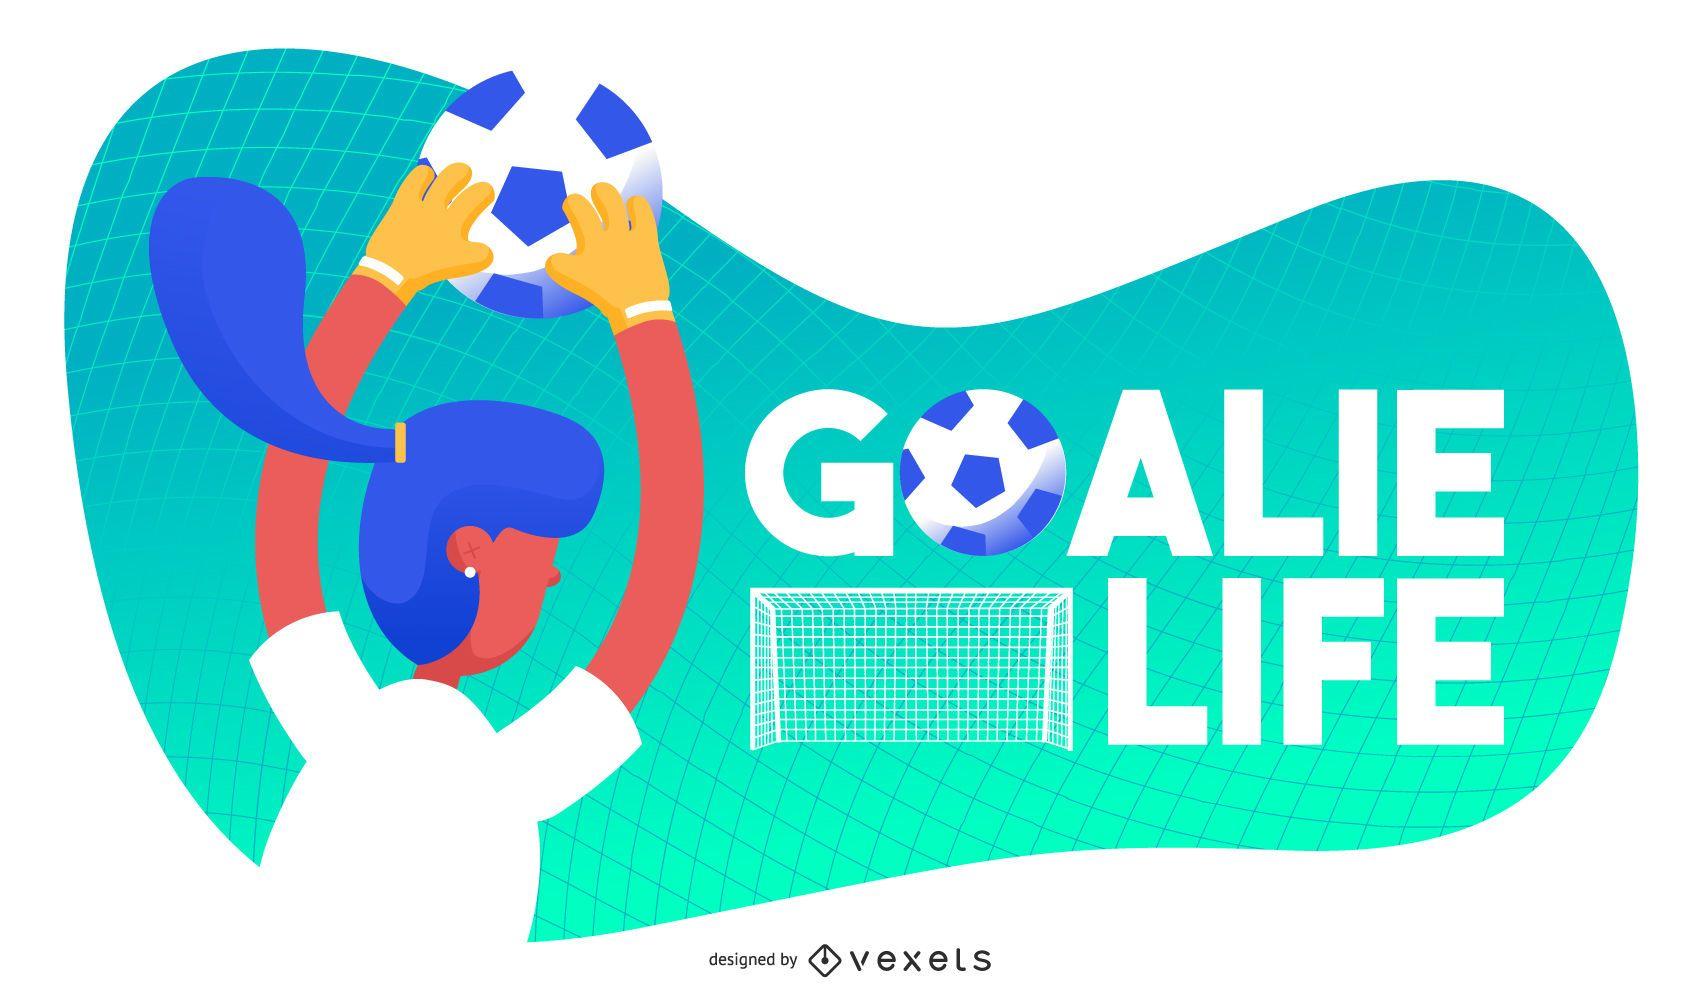 Goalie life soccer illustration